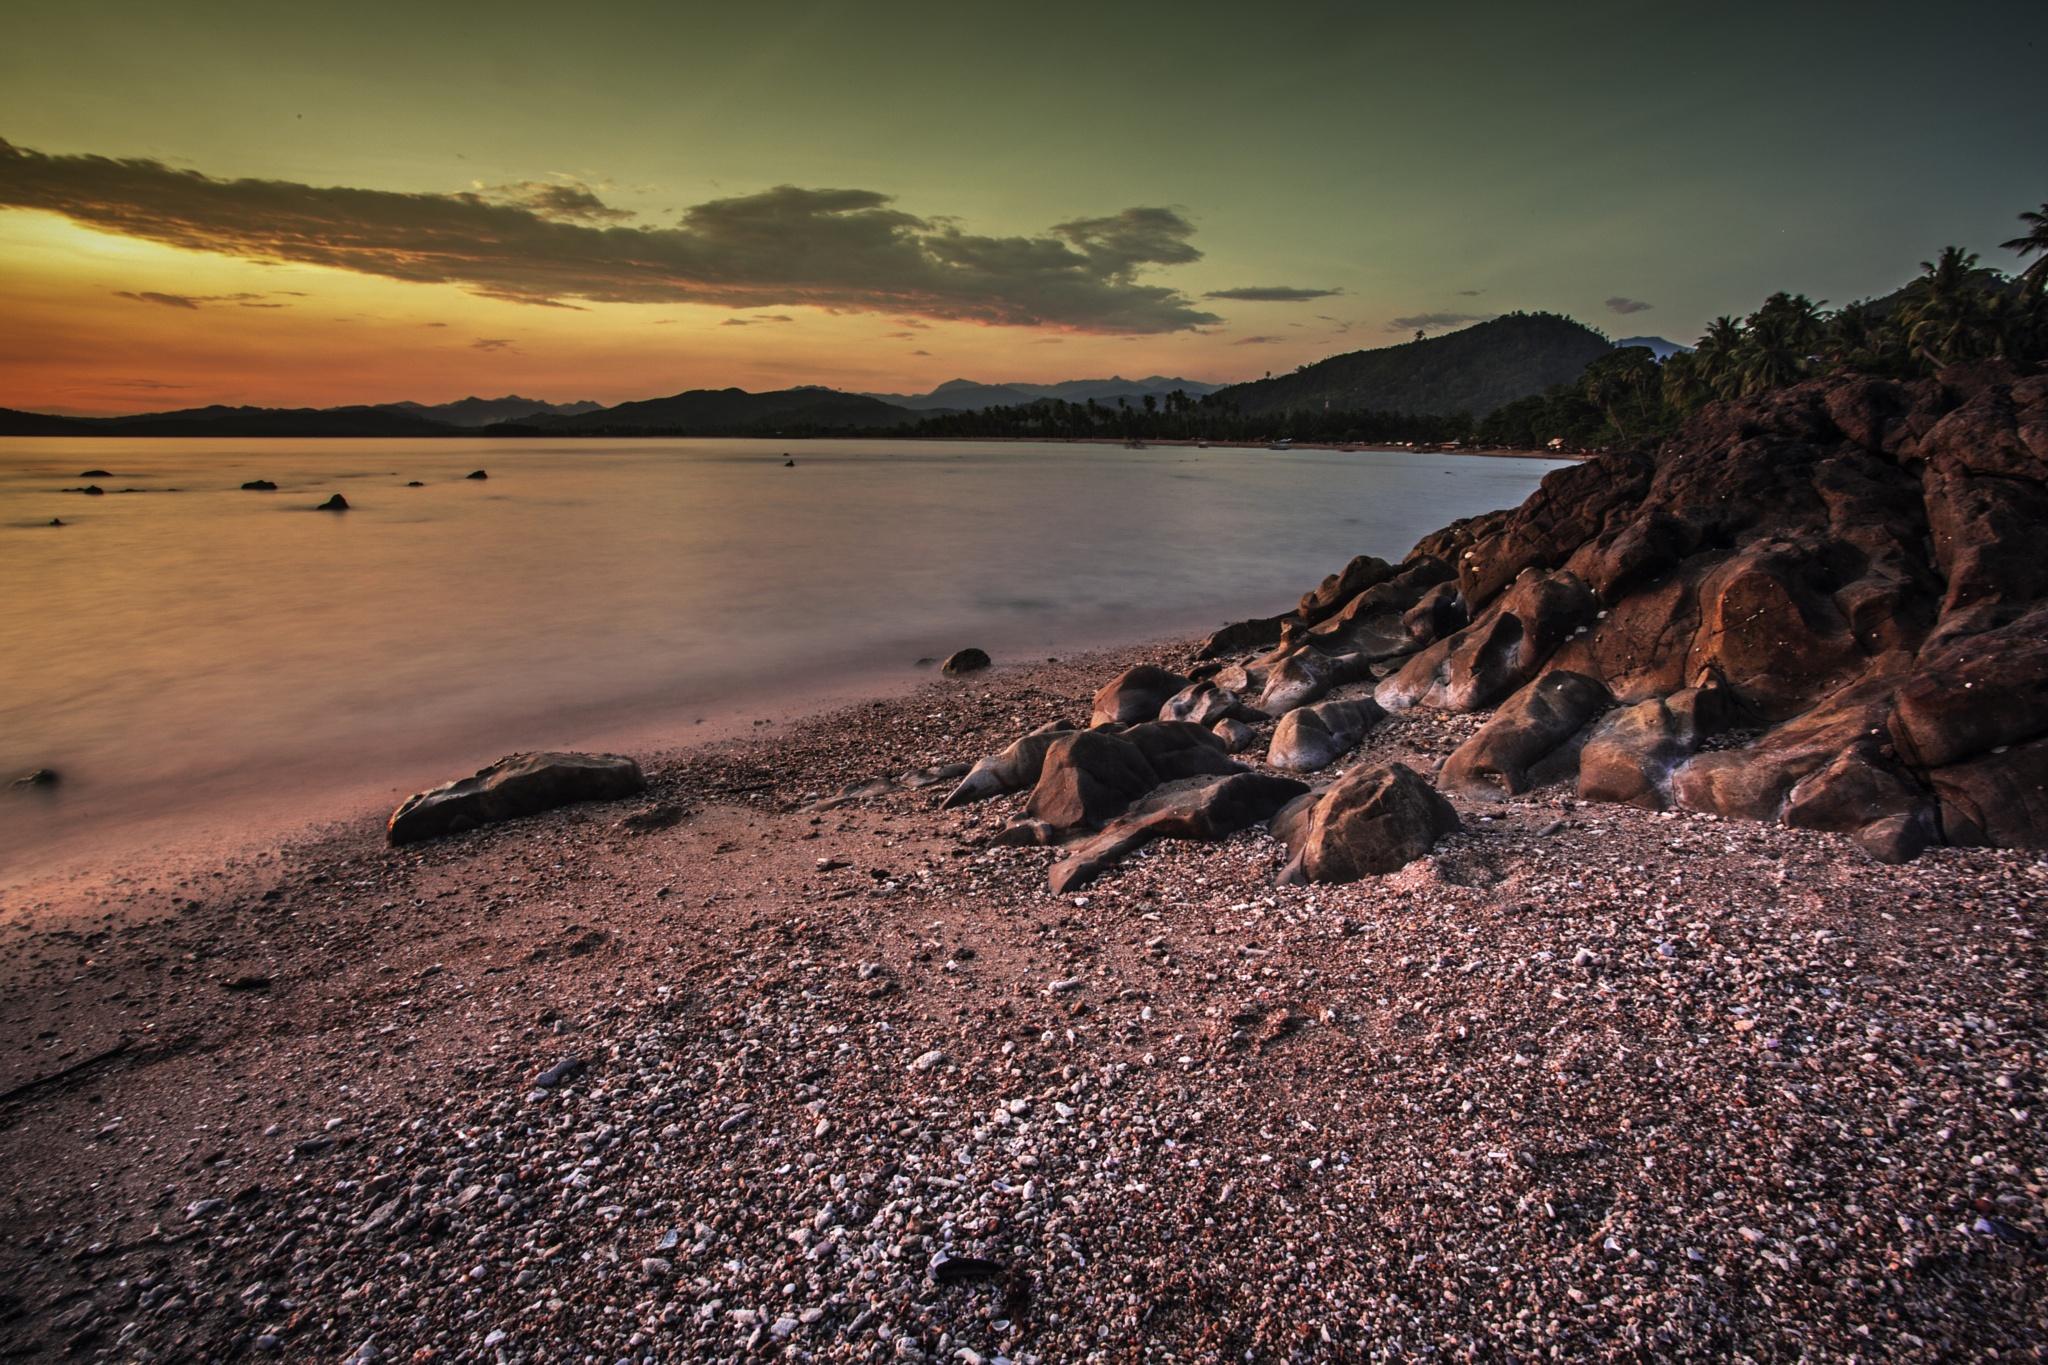 karang pantai by Syafri Gamal